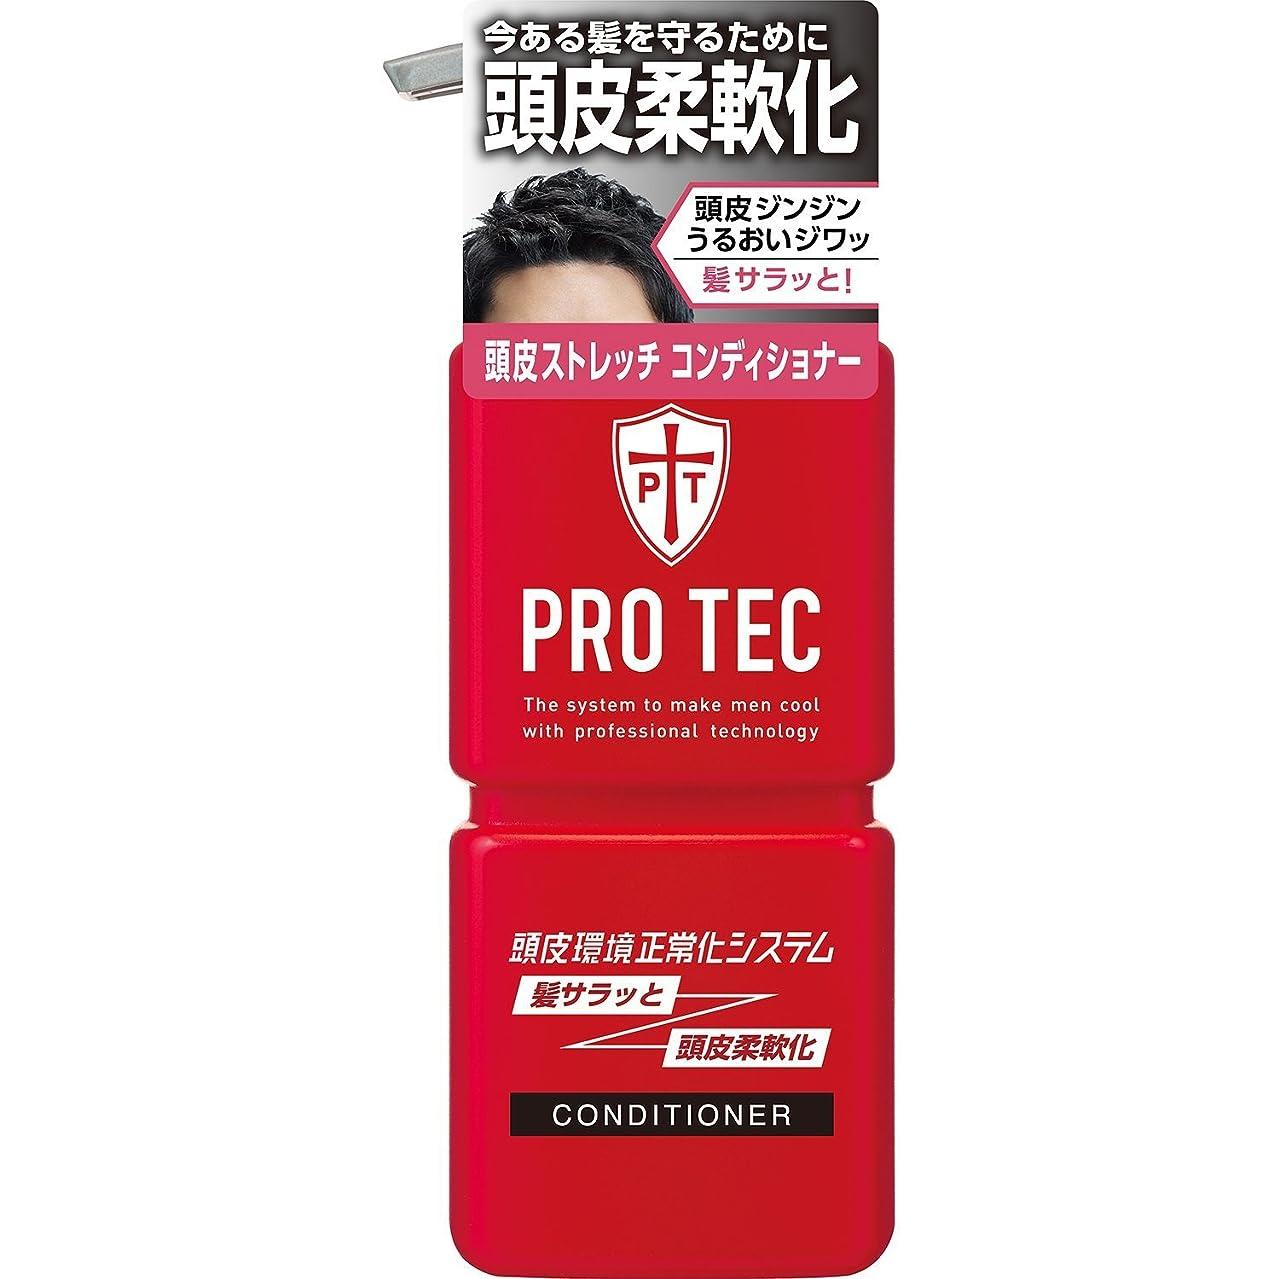 暫定編集する折り目PRO TEC(プロテク) 頭皮ストレッチコンディショナー ポンプ 300g ×20個セット